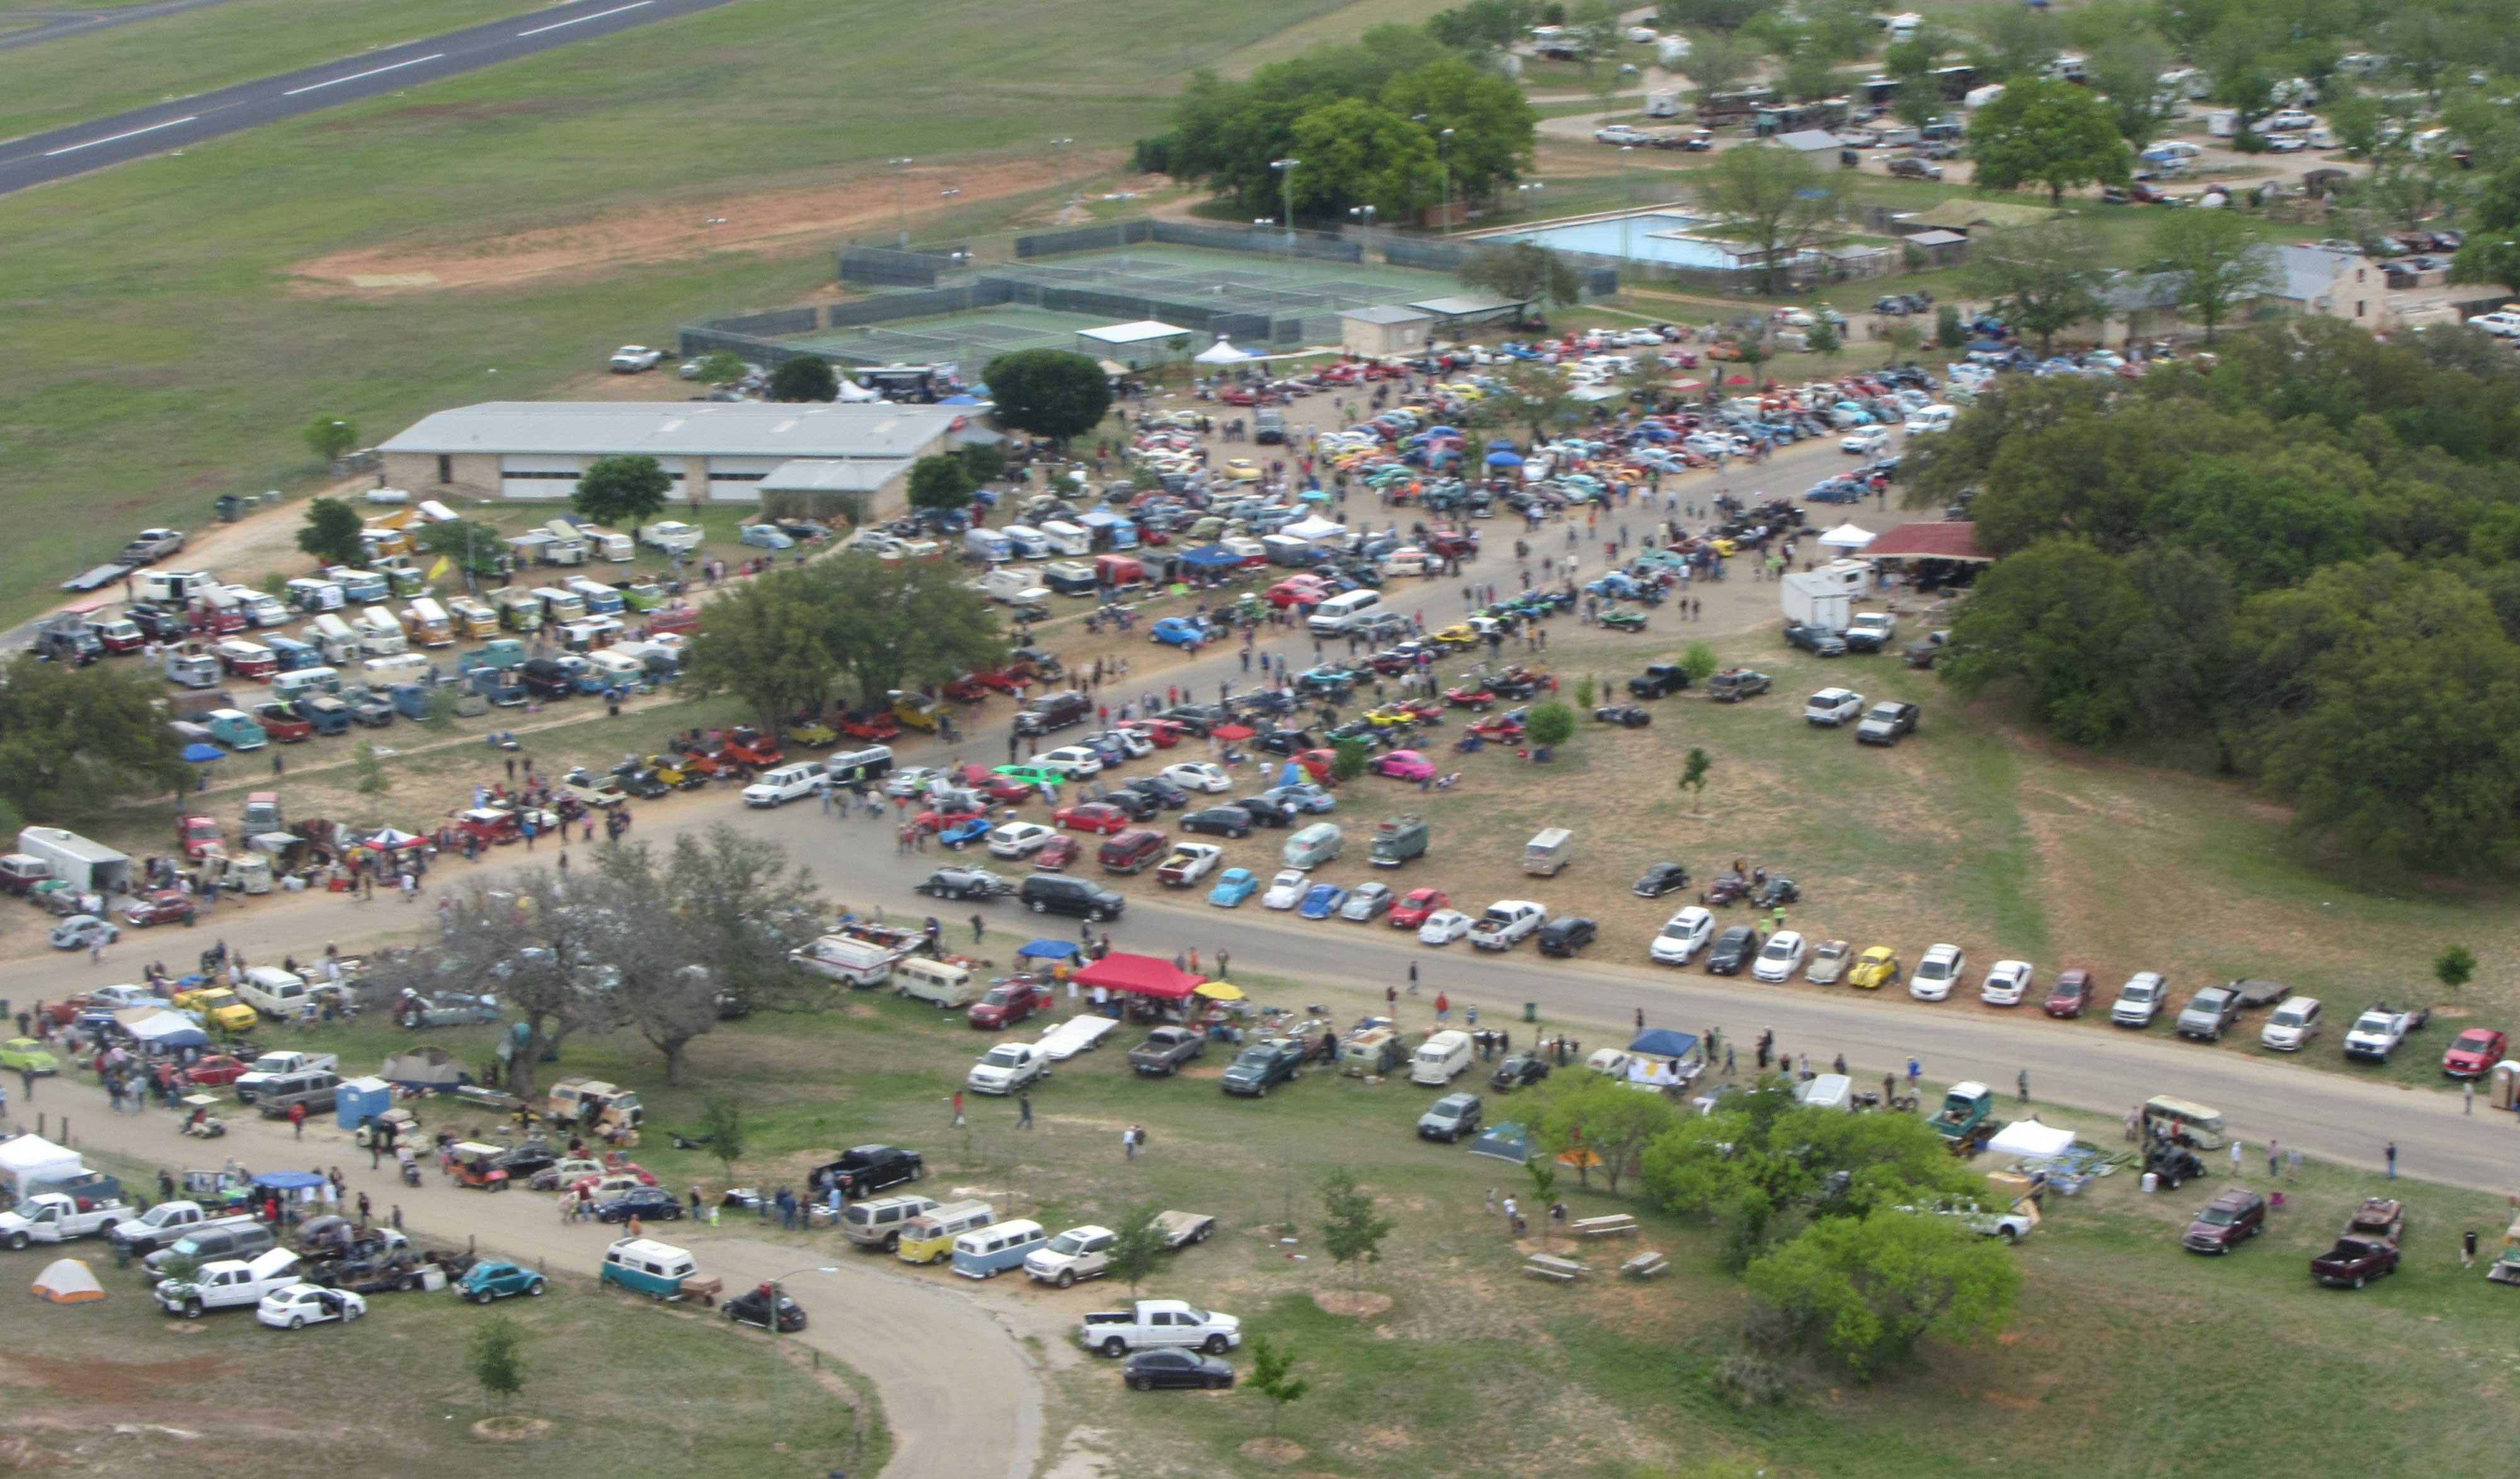 The Biggest Classic Volkswagen Show In Texas Texas Vw